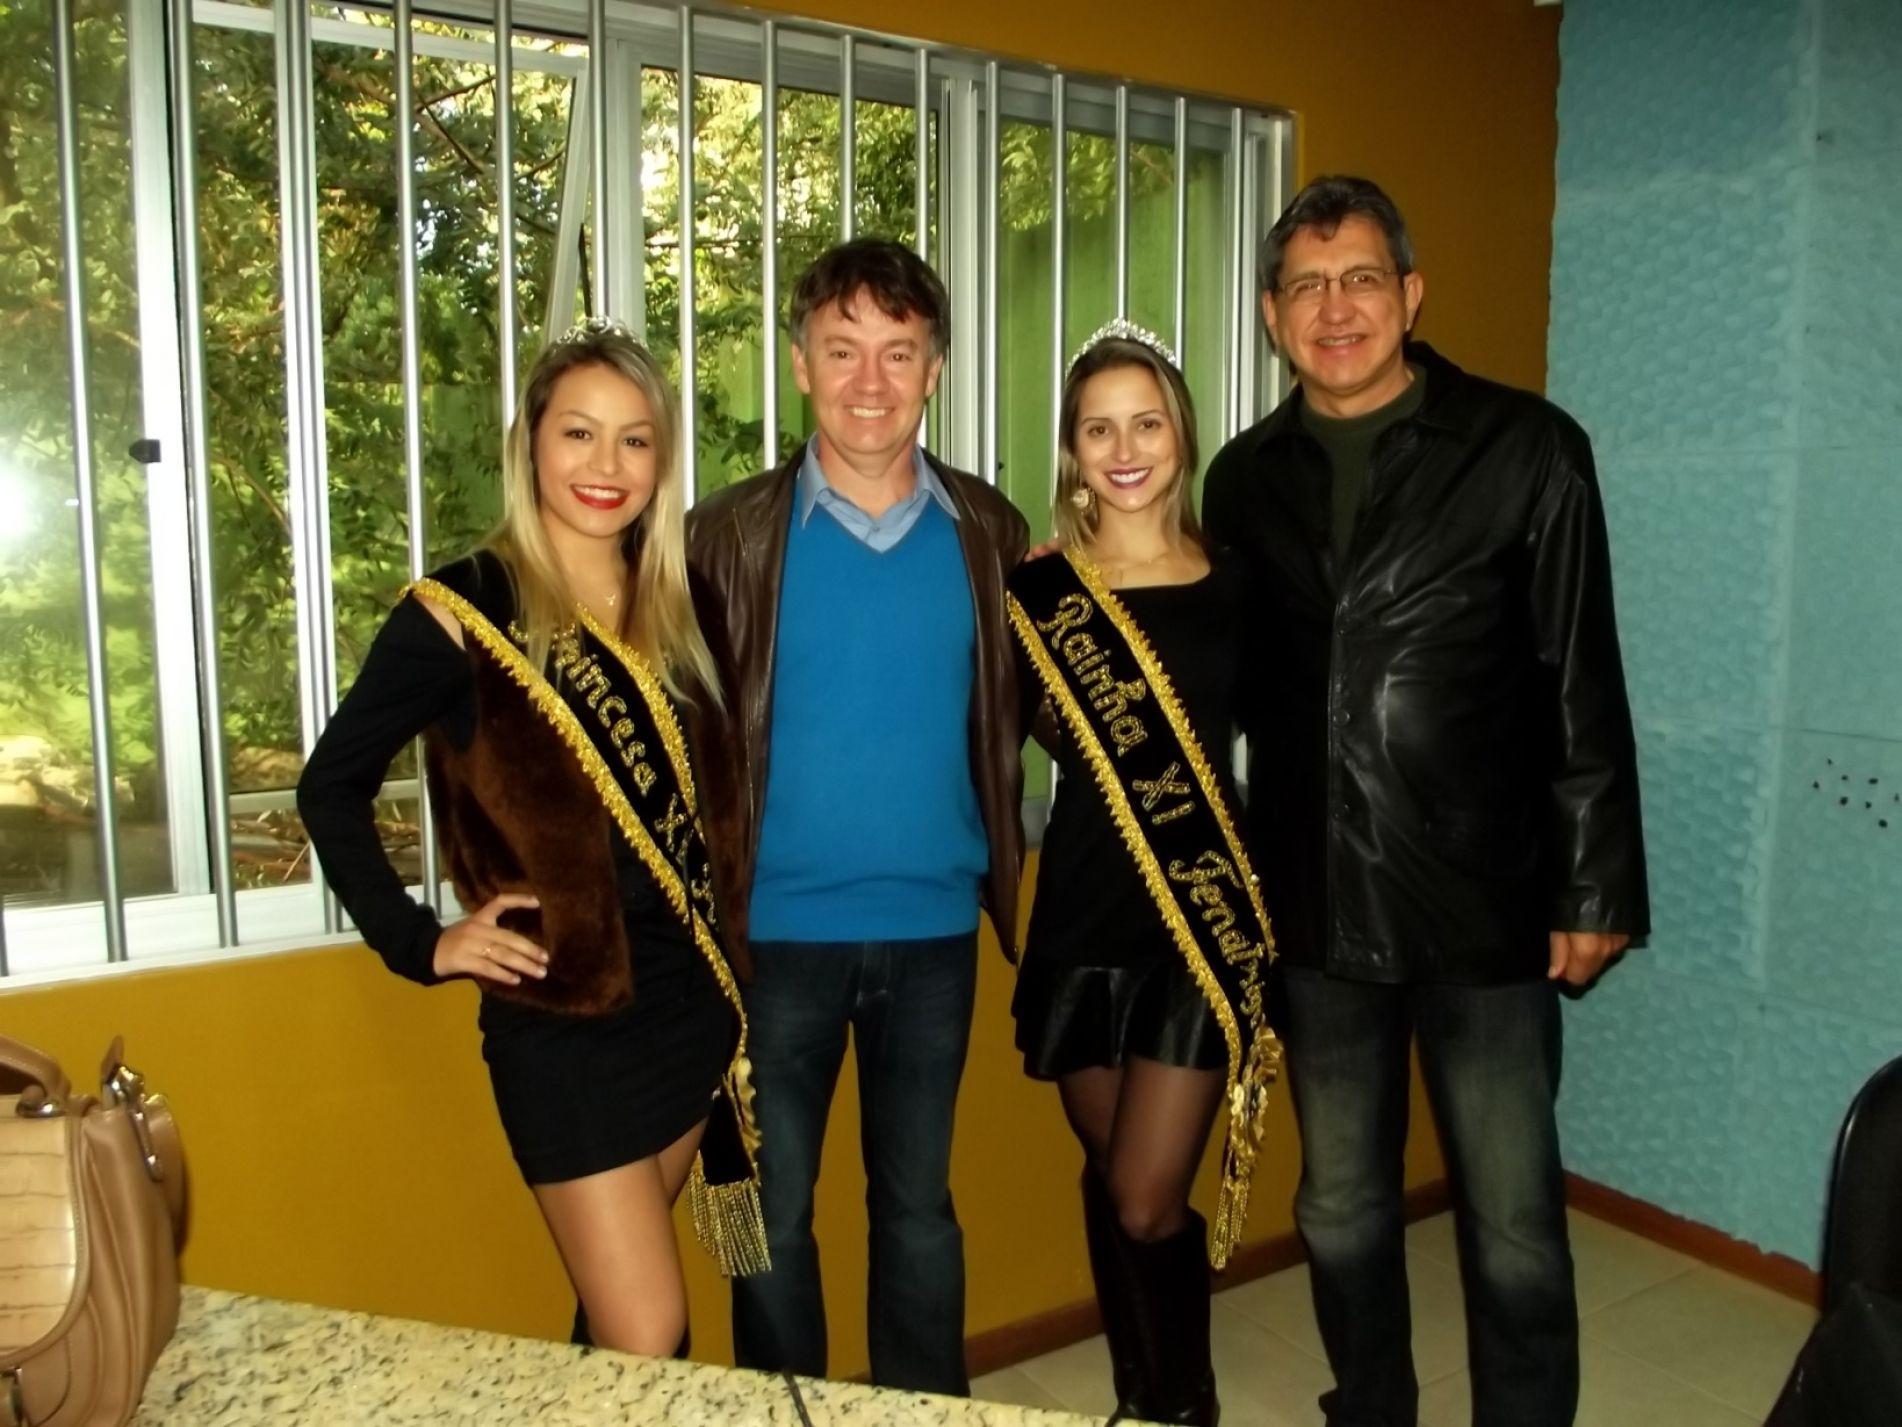 Presidente e soberanas com Varela  na Rádio Diário Serrano F